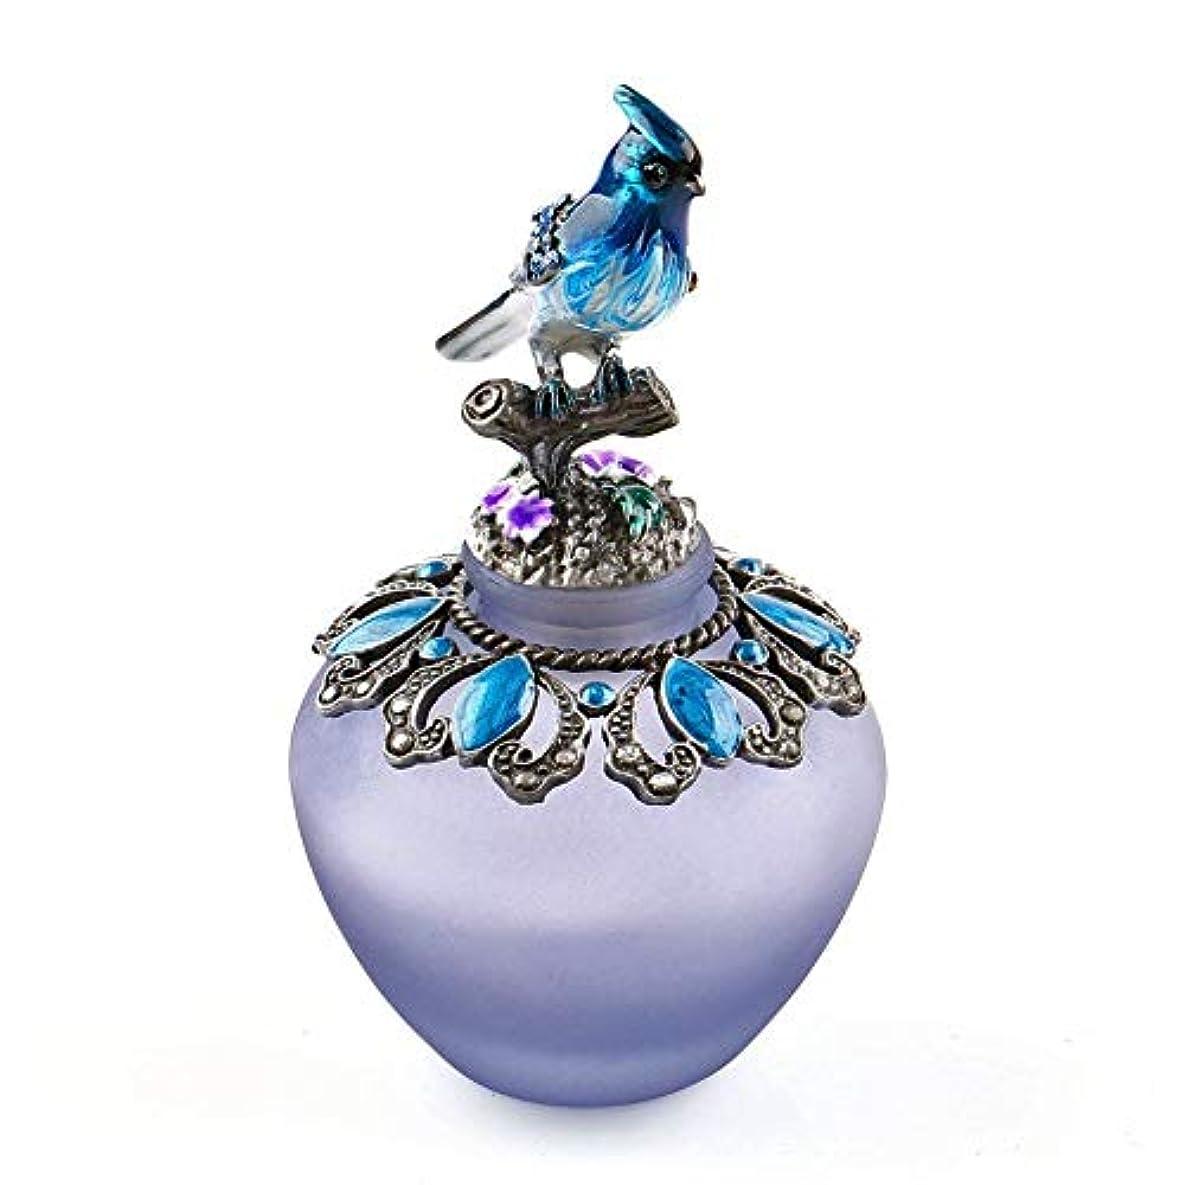 口述アコード中古EasyRaku 高品質 美しい香水瓶 鳥40ML ガラスアロマボトル 綺麗アンティーク調欧風デザイン クリスマスプレゼント 結婚式 飾り